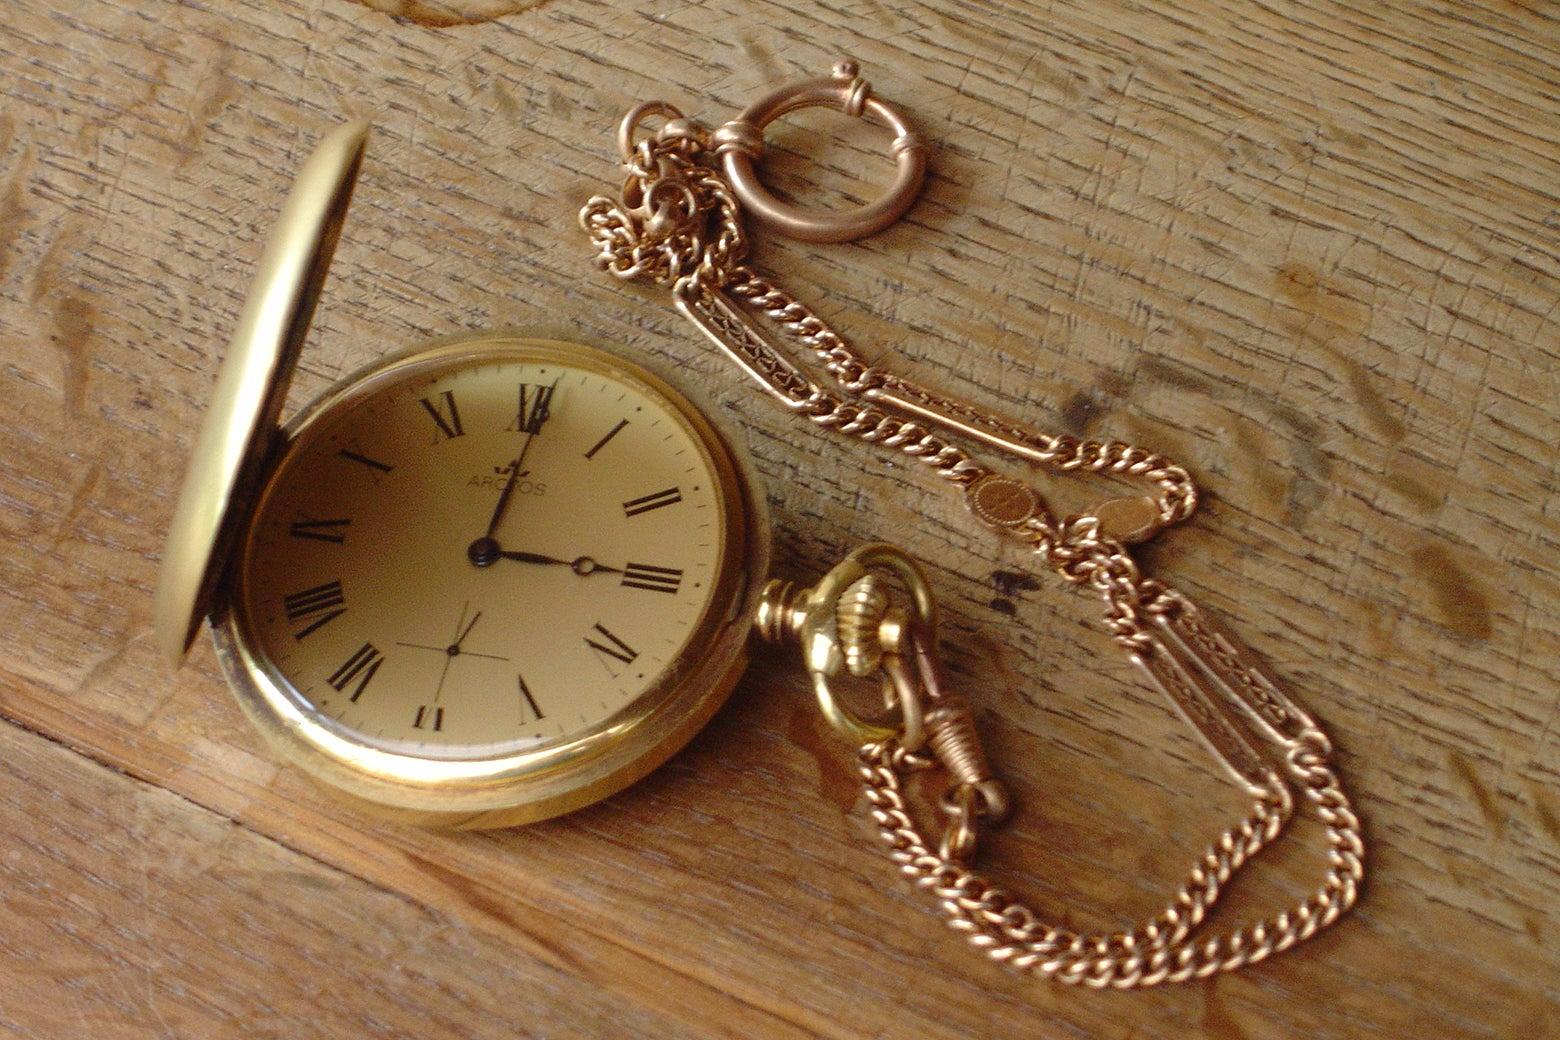 A pocketwatch.